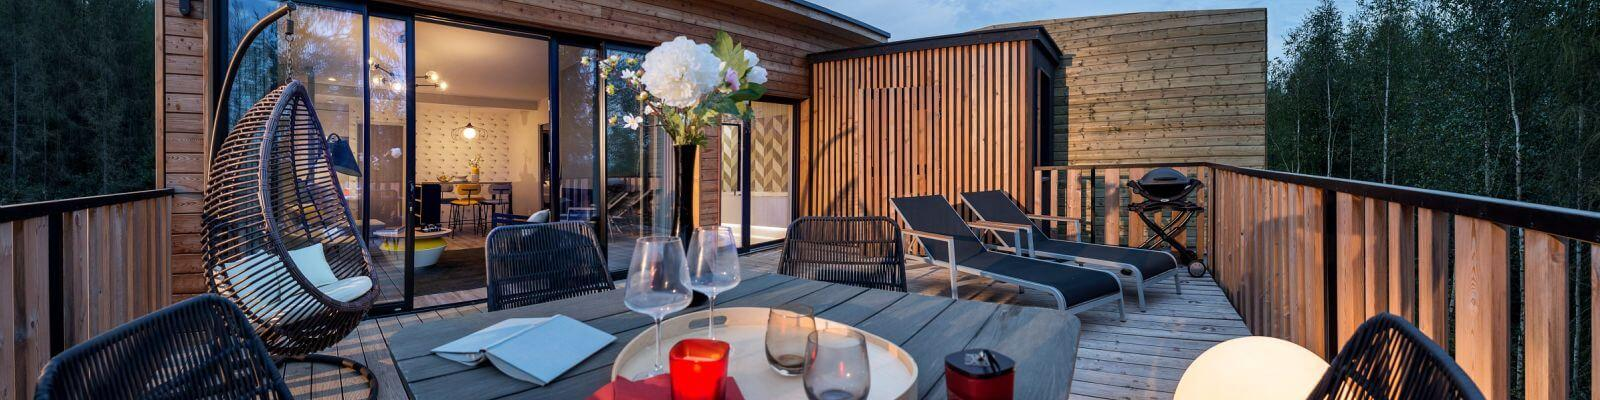 Luxe bungalows les Trois Forets